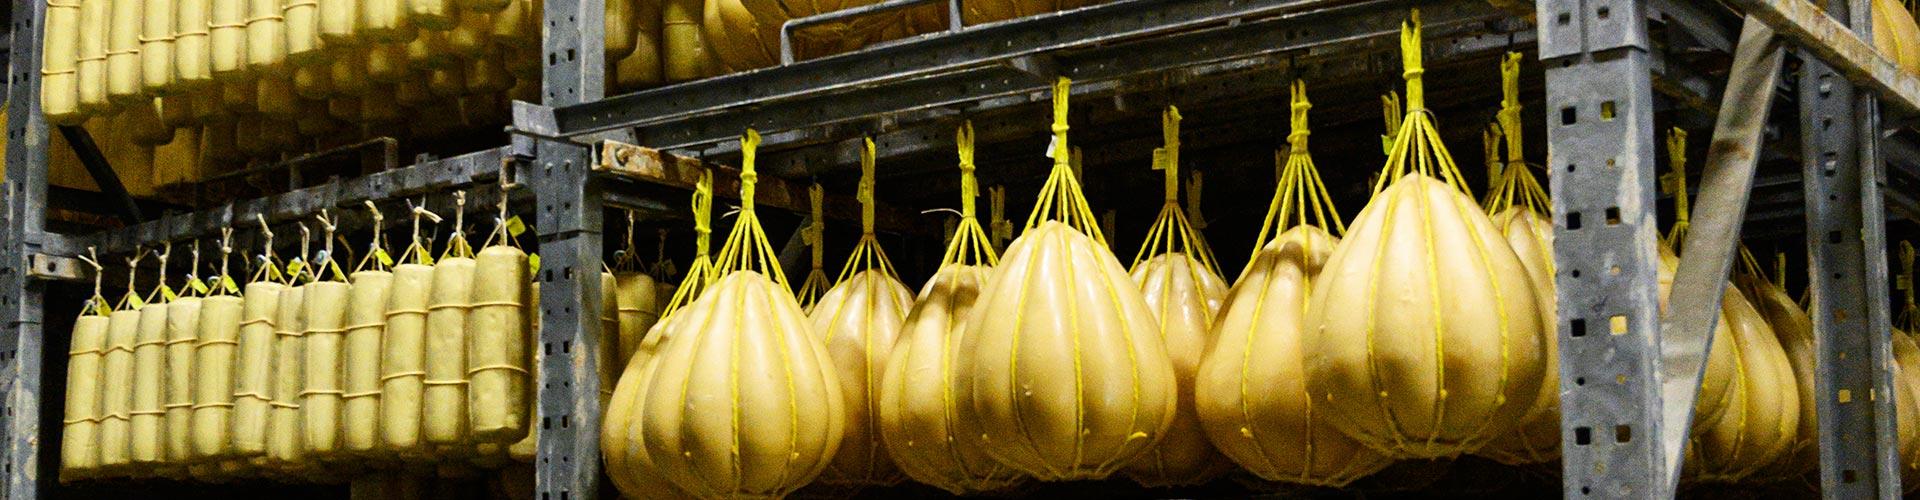 Stagionatura del Provolone Valpadana pancette e mandarini